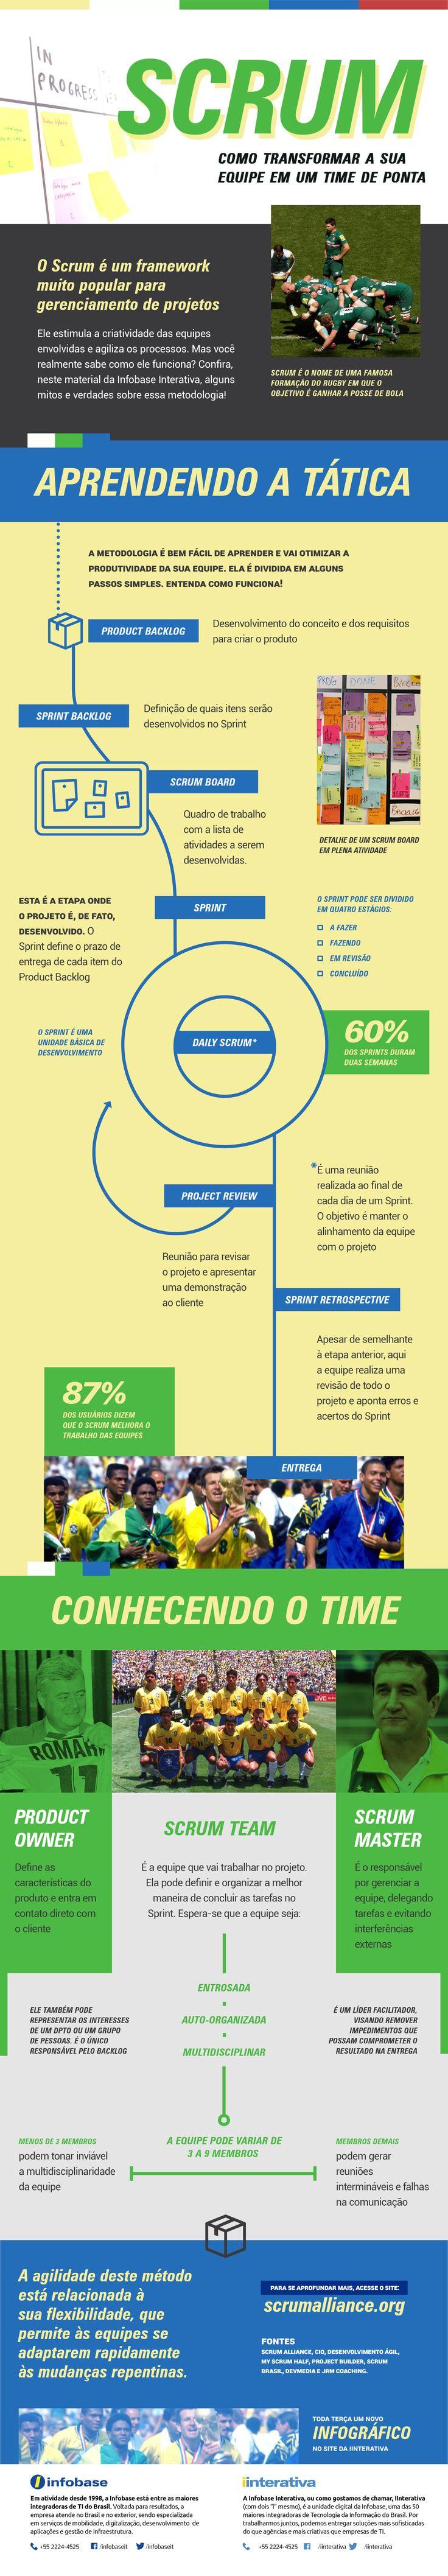 Infográfico – SCRUM: como transformar a sua equipe em um time de ponta